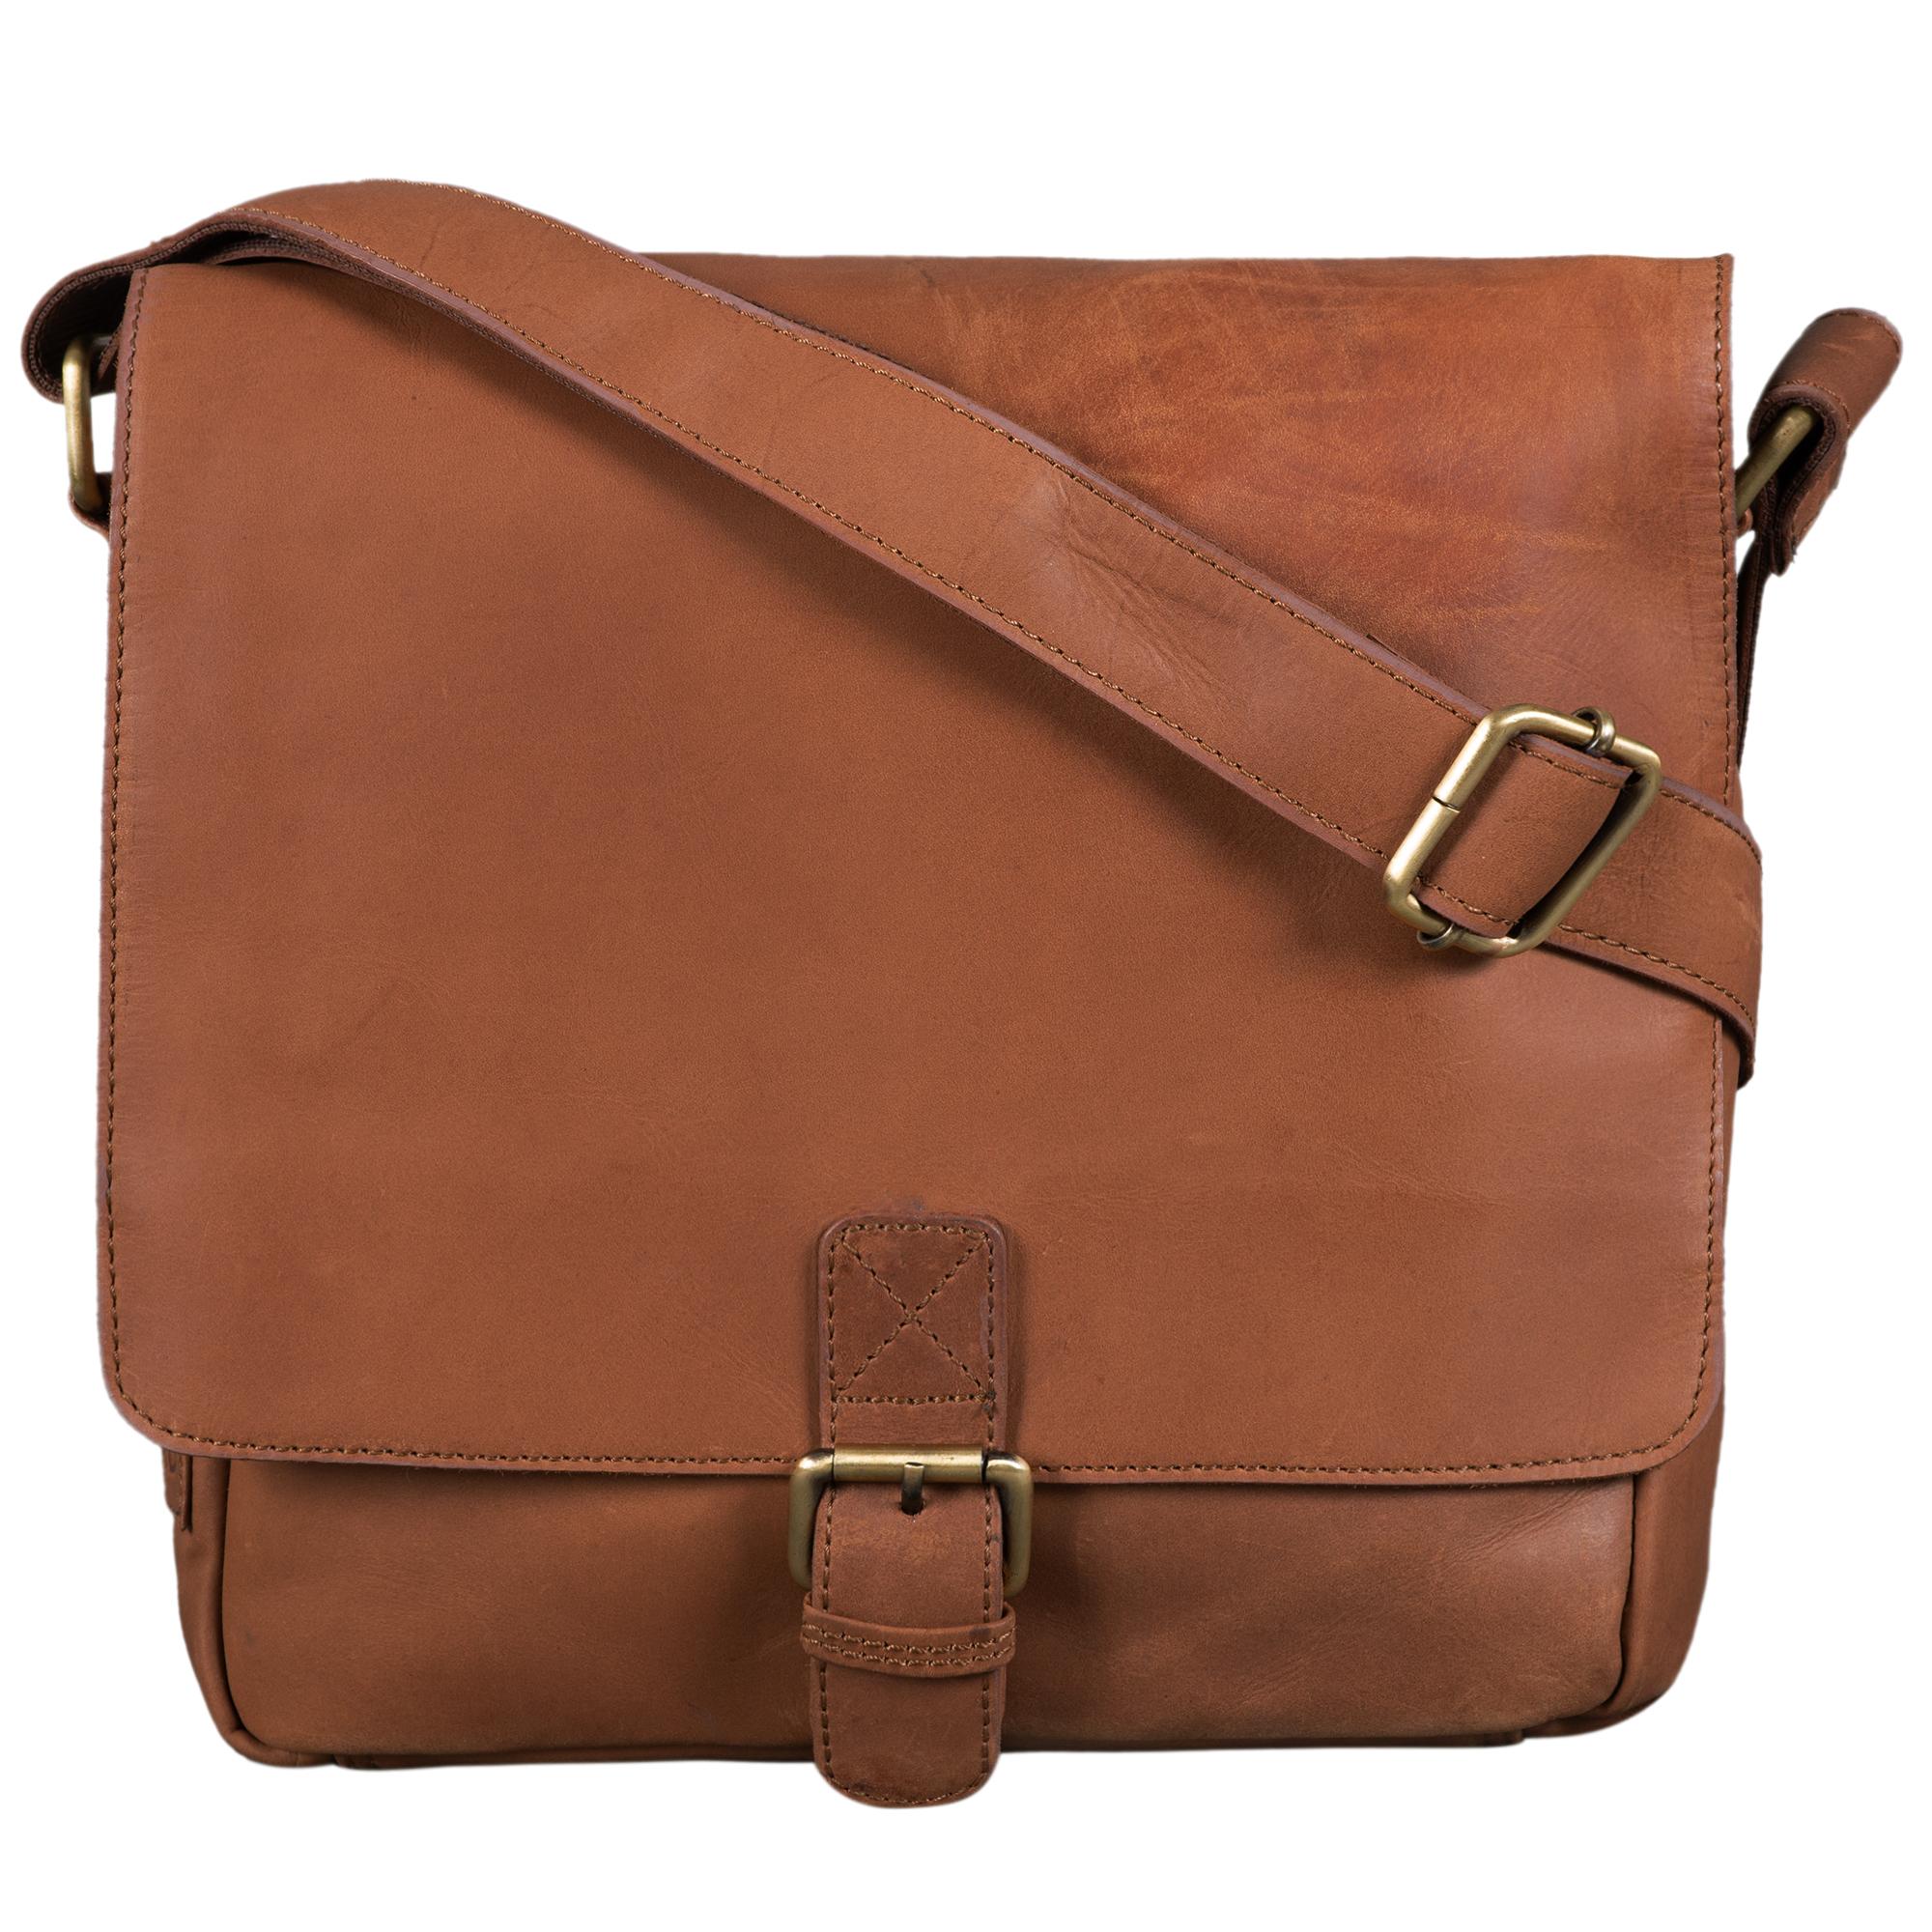 """STILORD """"Timo"""" Vintage Messenger Bag Leder klein für Herren und Damen moderne Umhängetasche für 10.1 Zoll Tablet iPad DIN A5 Cross Body Bag Echtleder - Bild 10"""